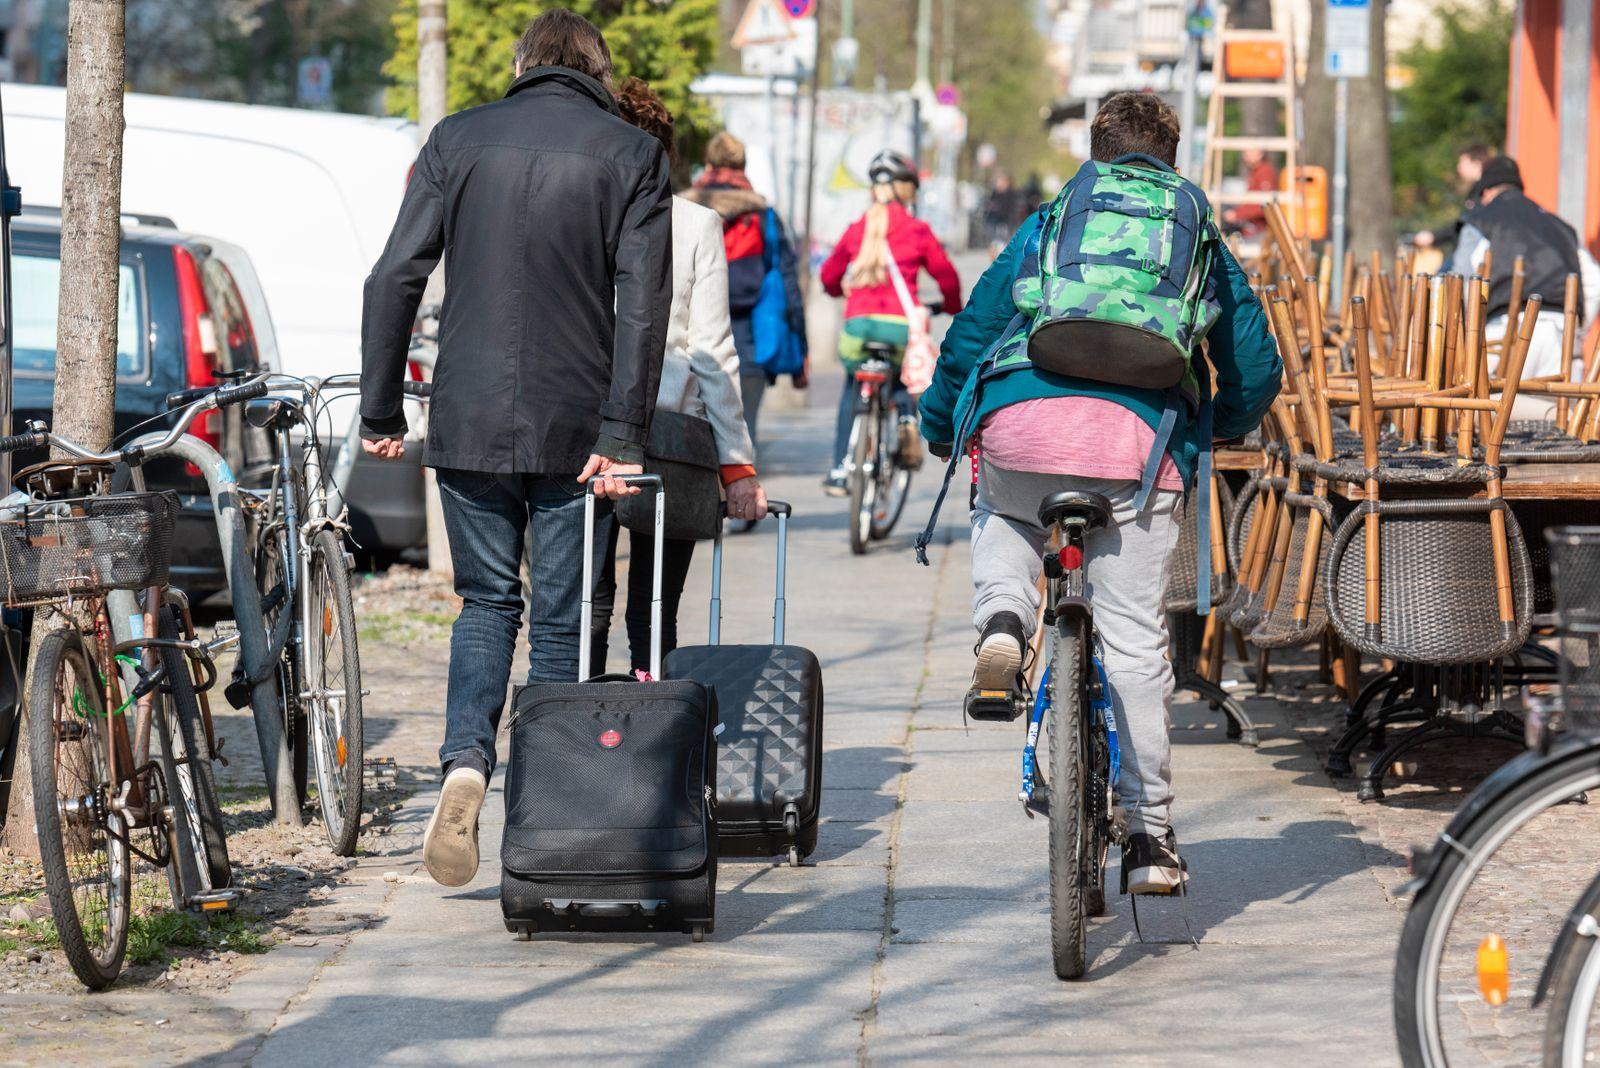 Randfahrer und Fußgänger